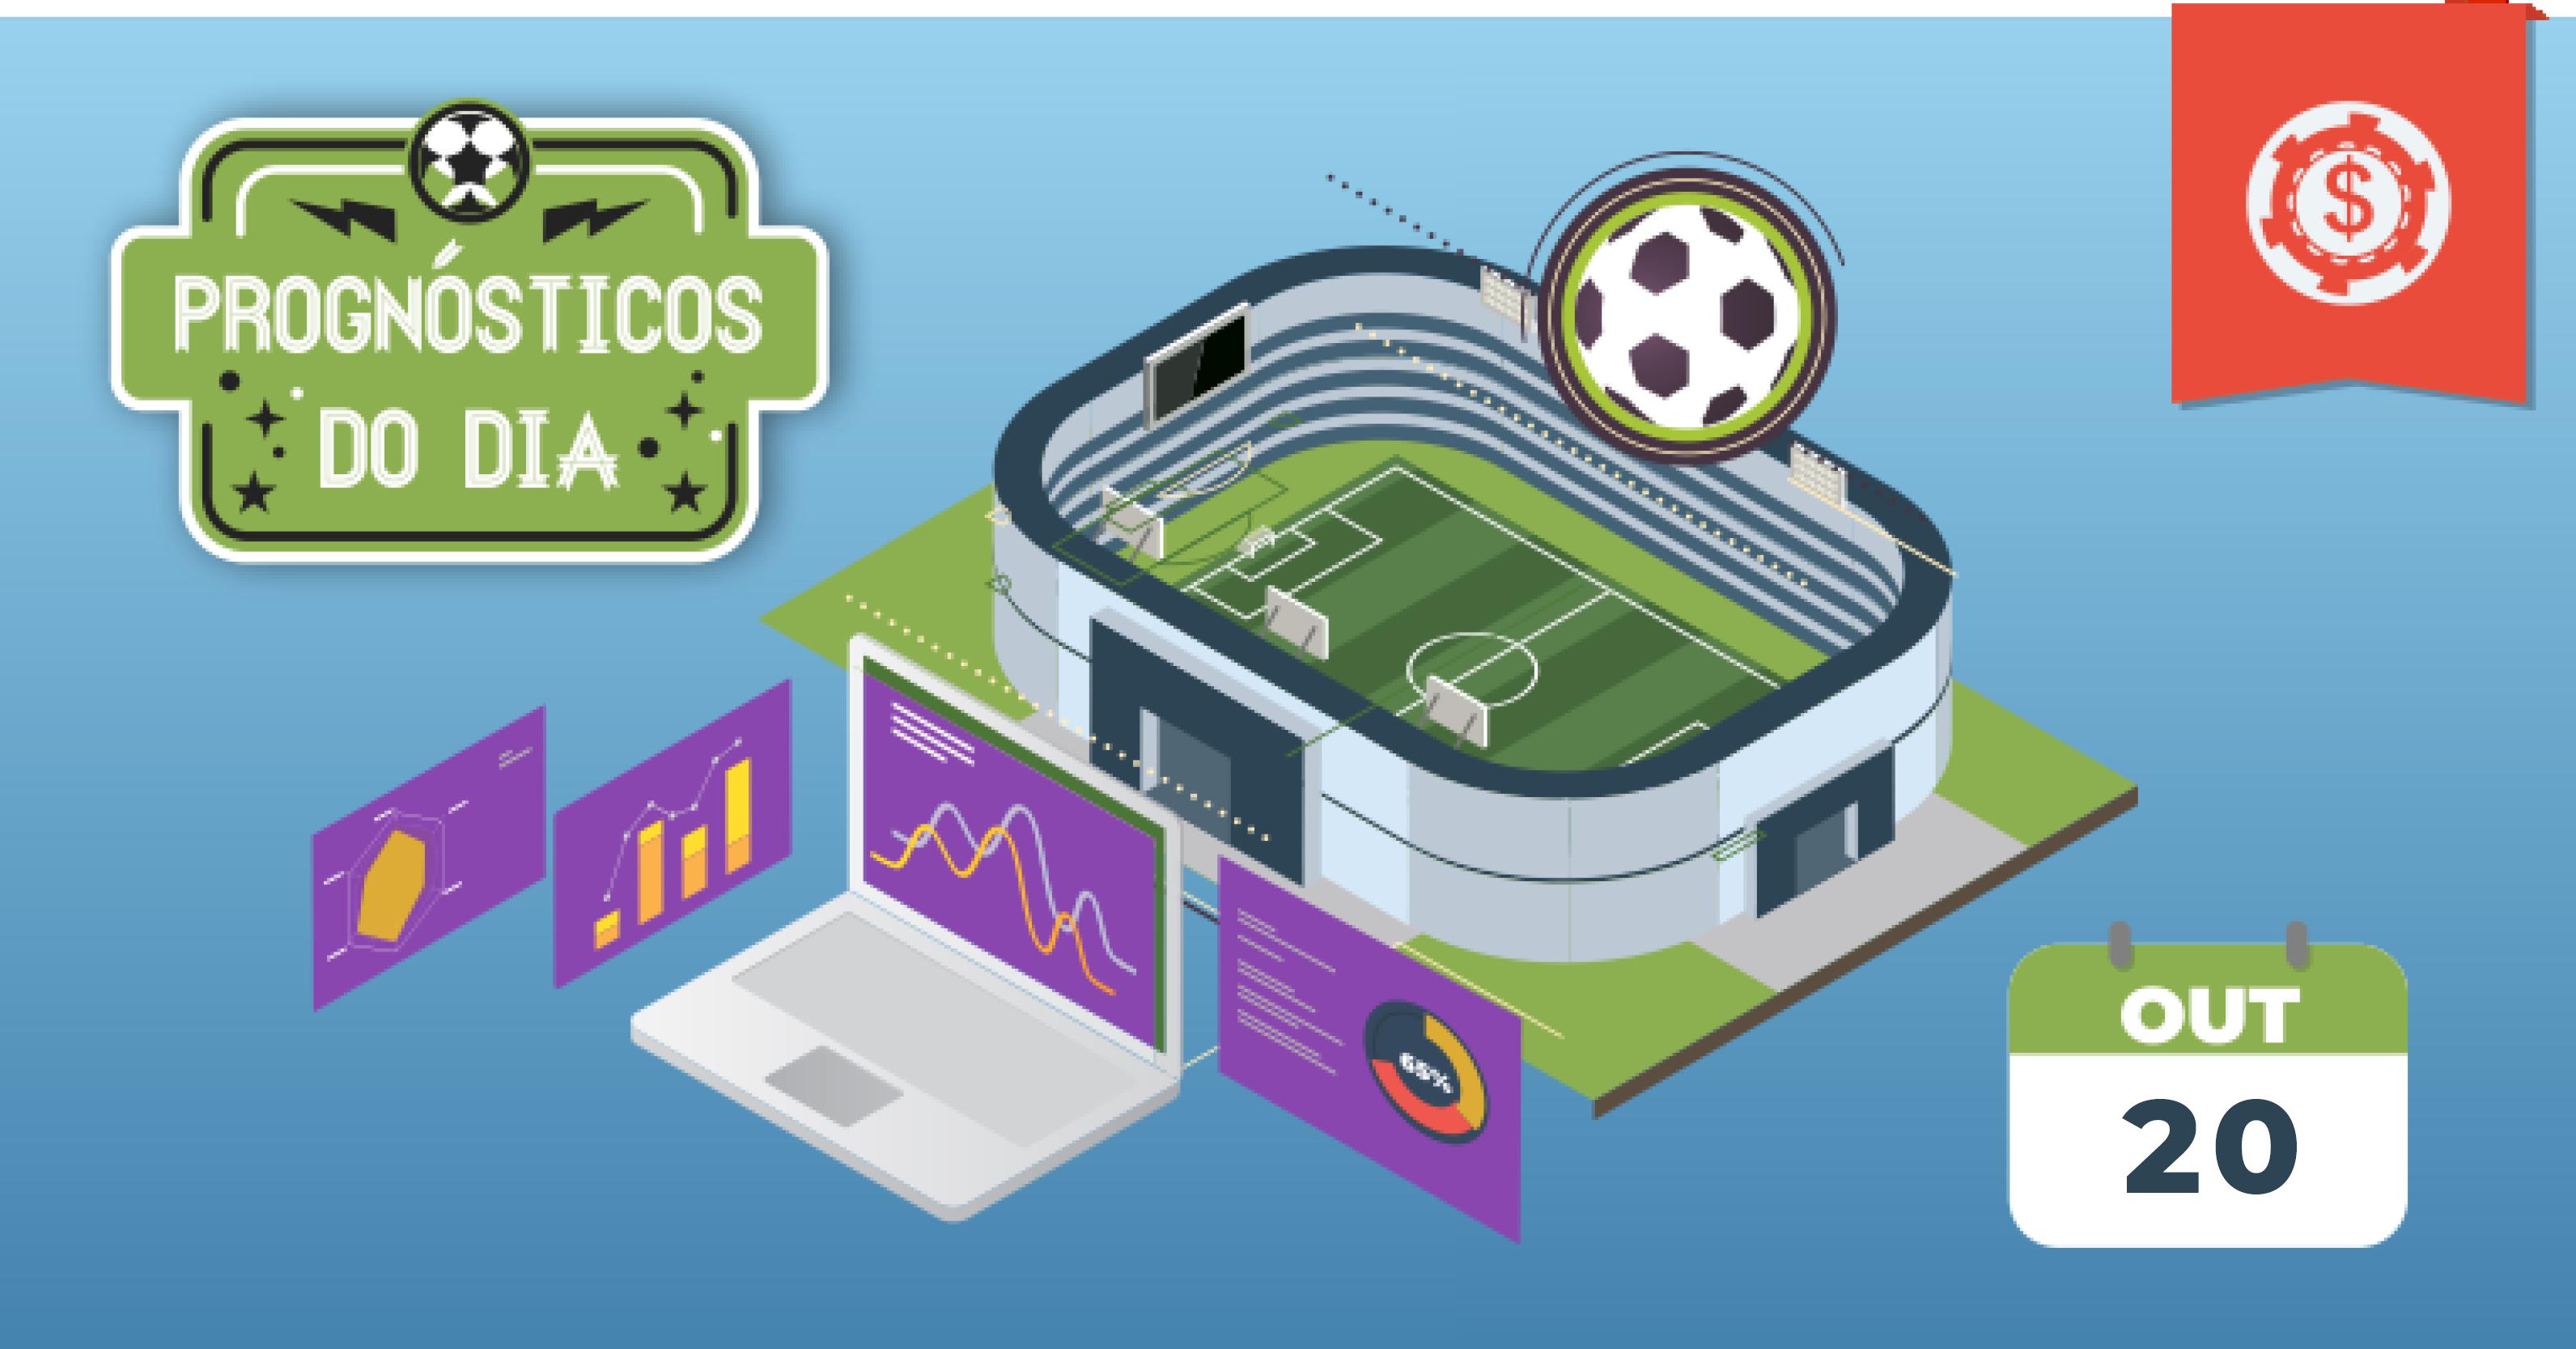 palpites-futebol-hoje-prognosticos-20-outubro-2019